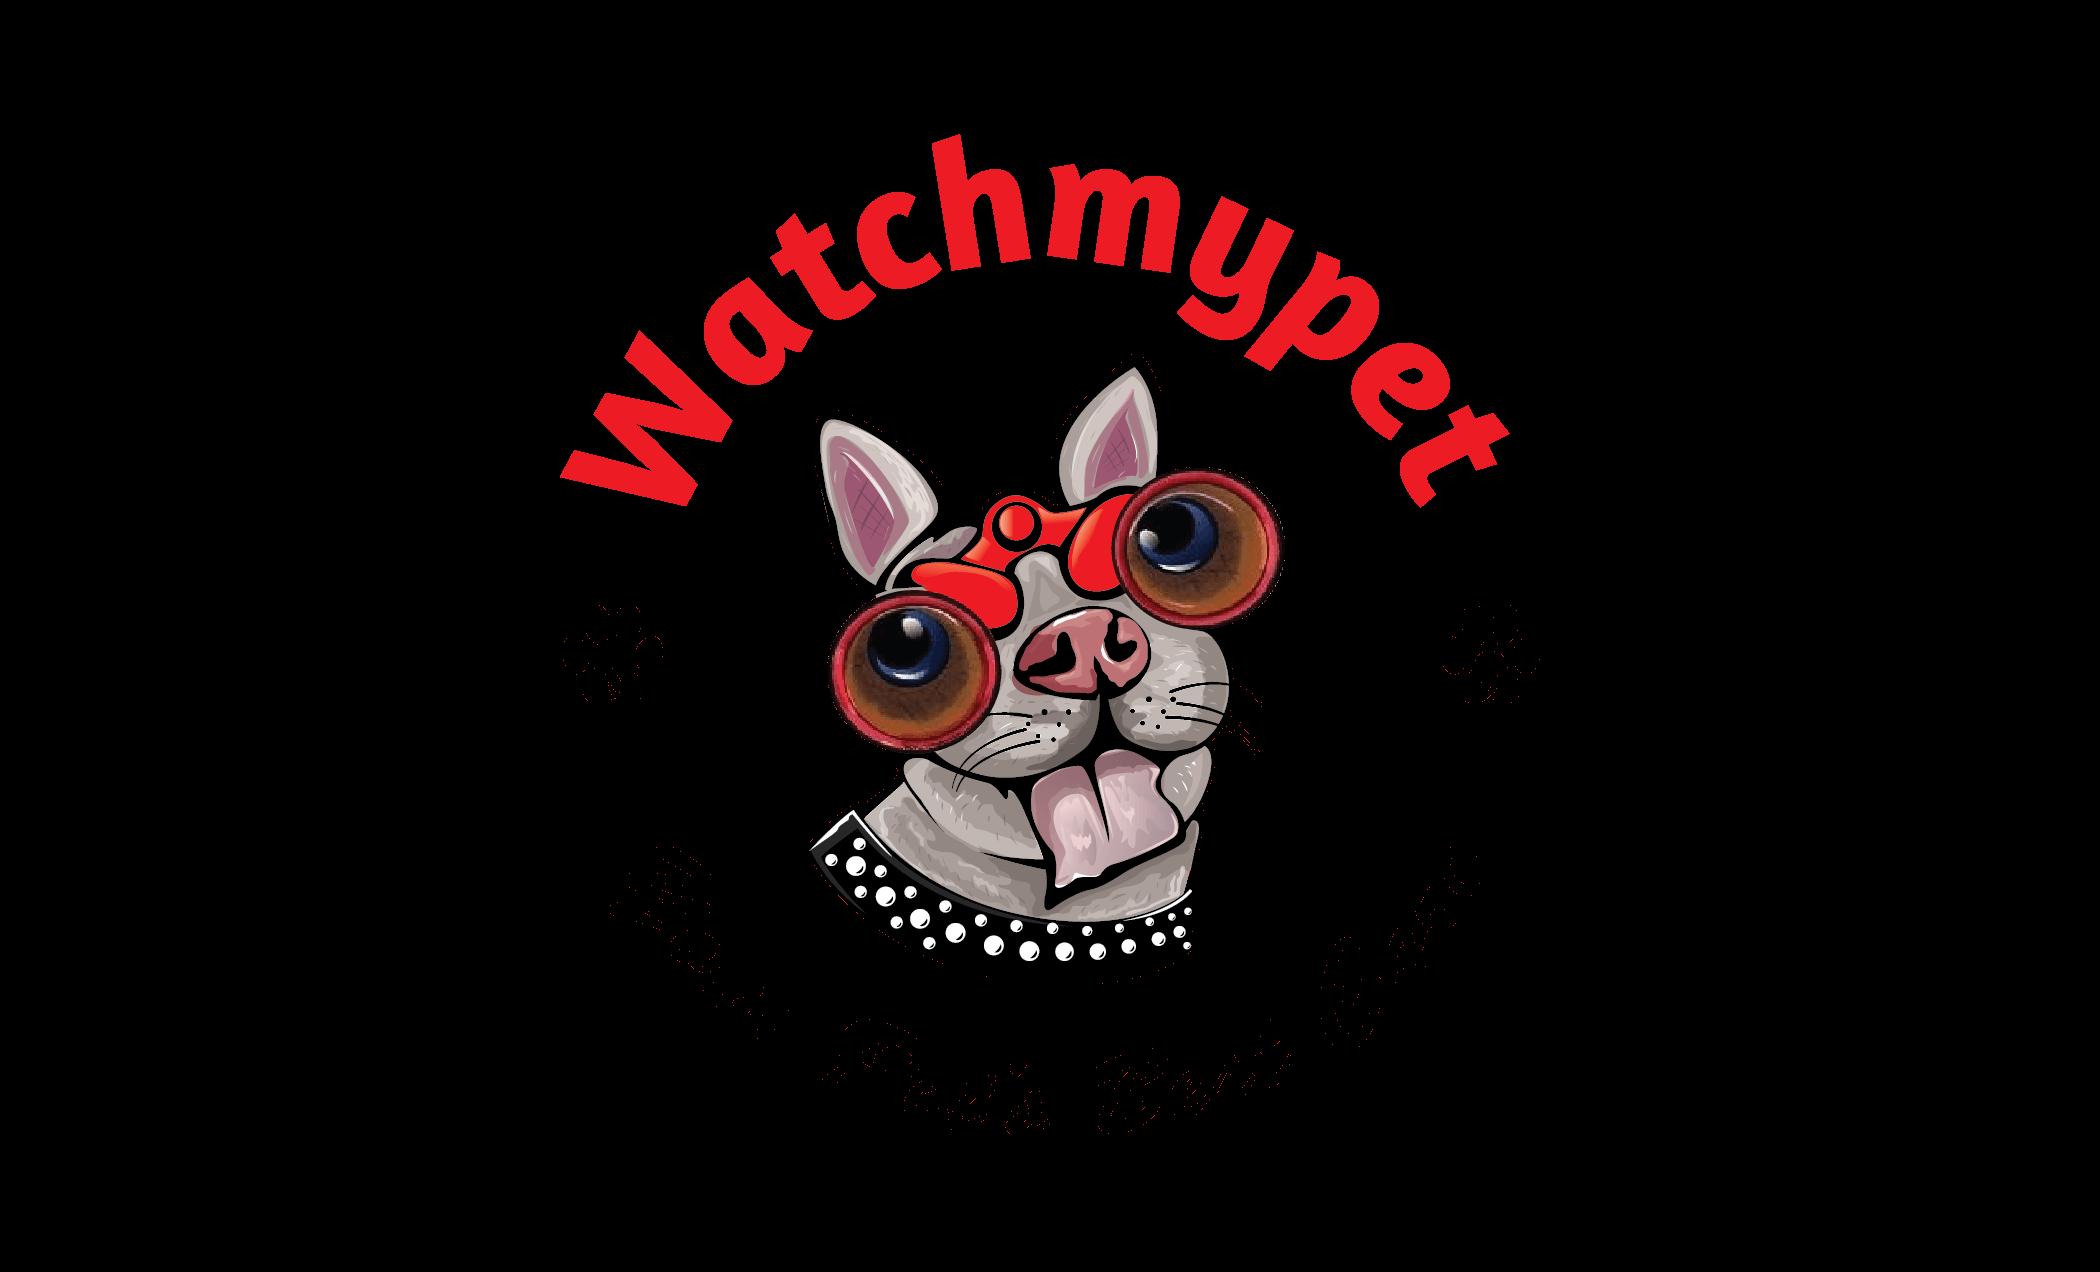 Watchmypet